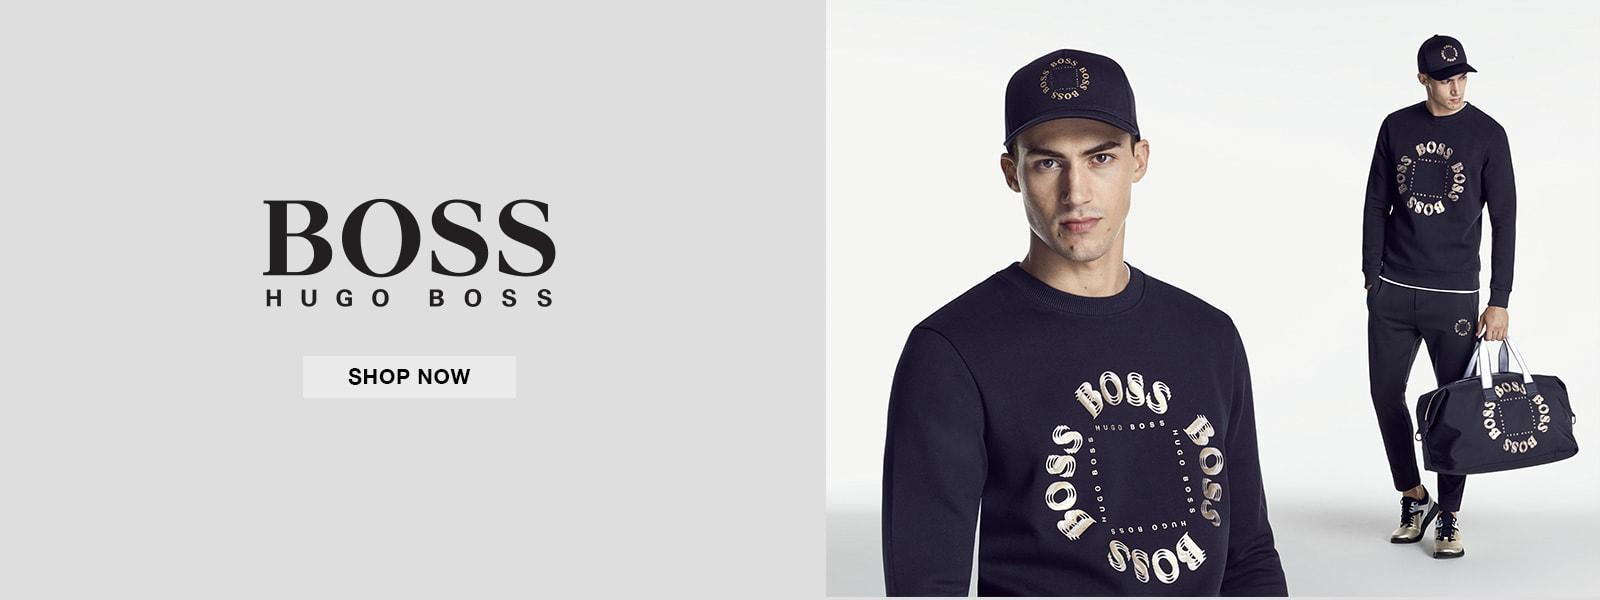 BOSS HUGO BOSS - Shop Now